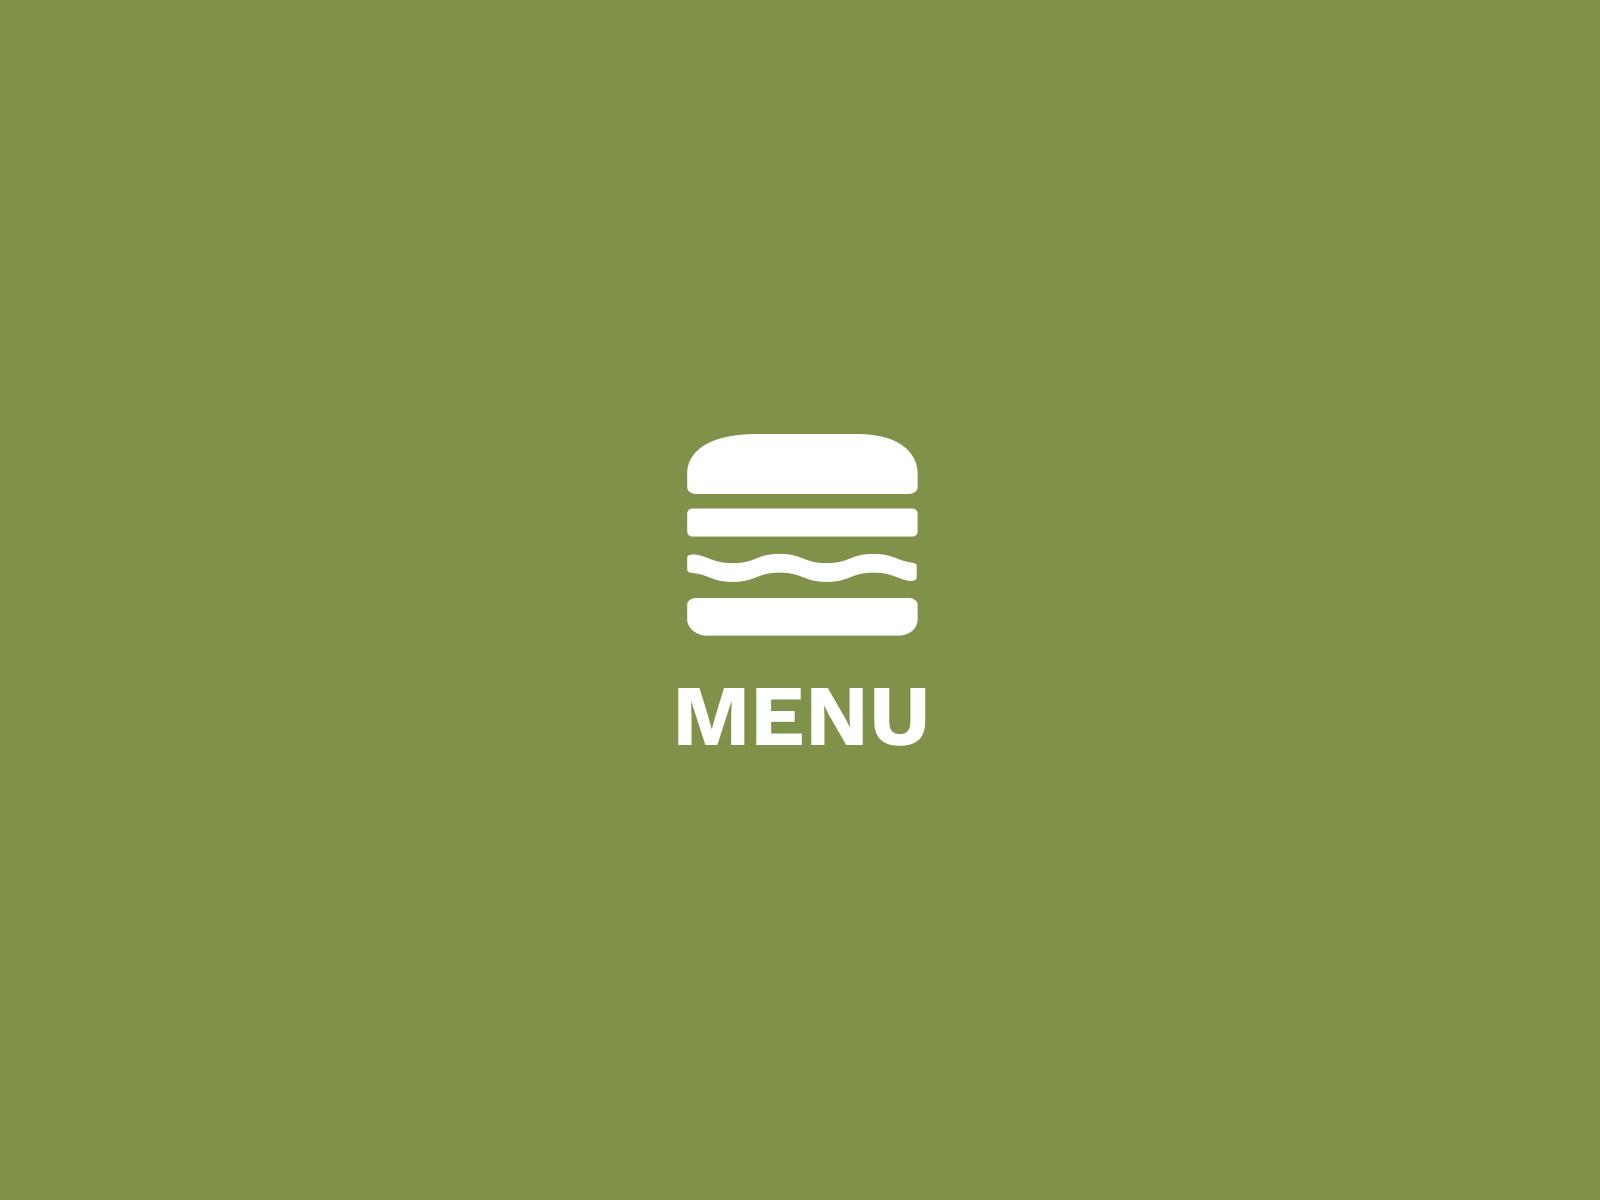 Ar hamburger menu